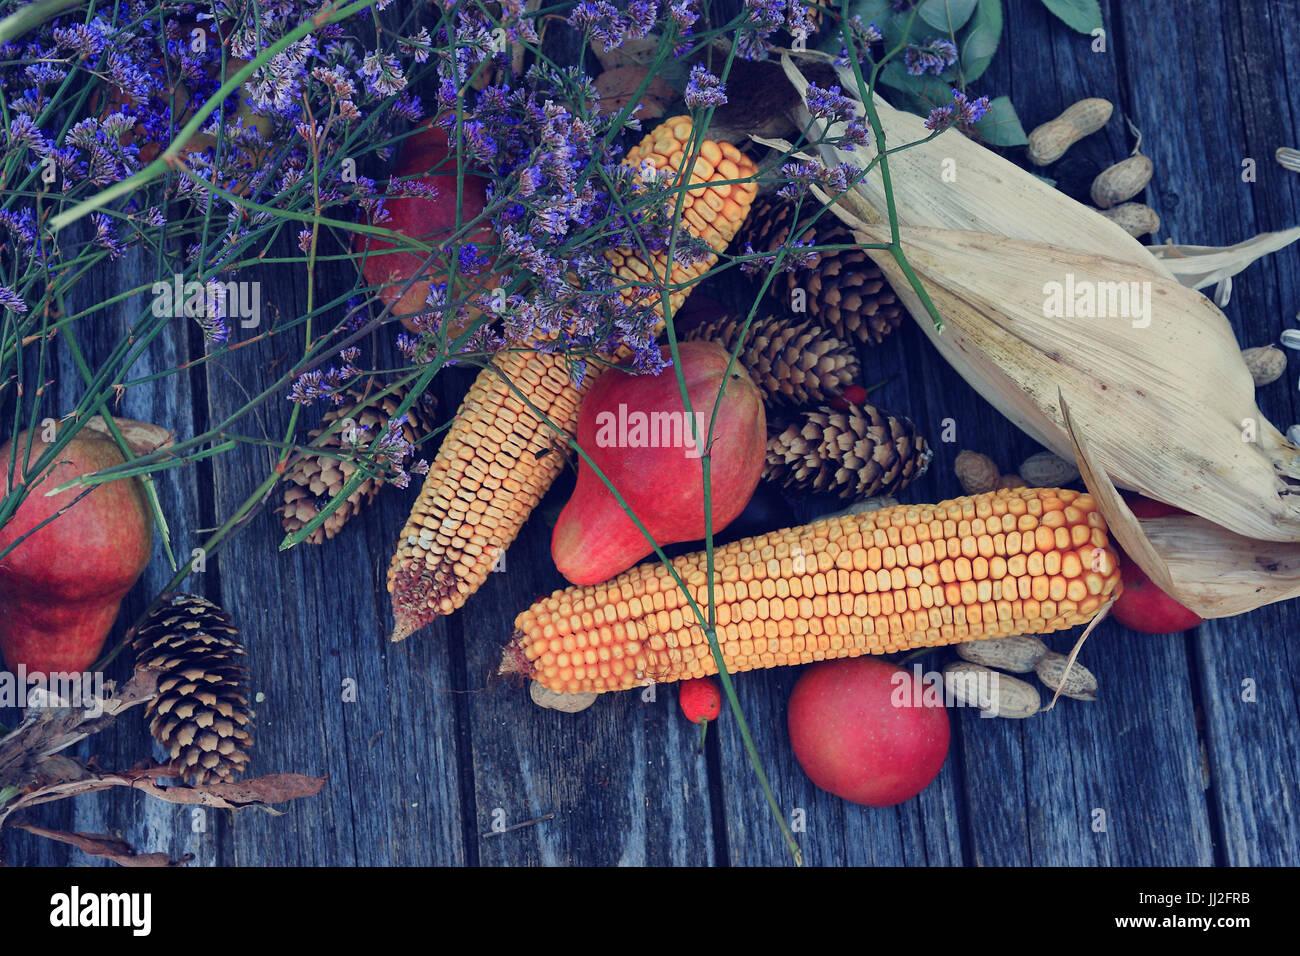 Obst und Gemüse auf hölzernen Hintergrund Stockbild